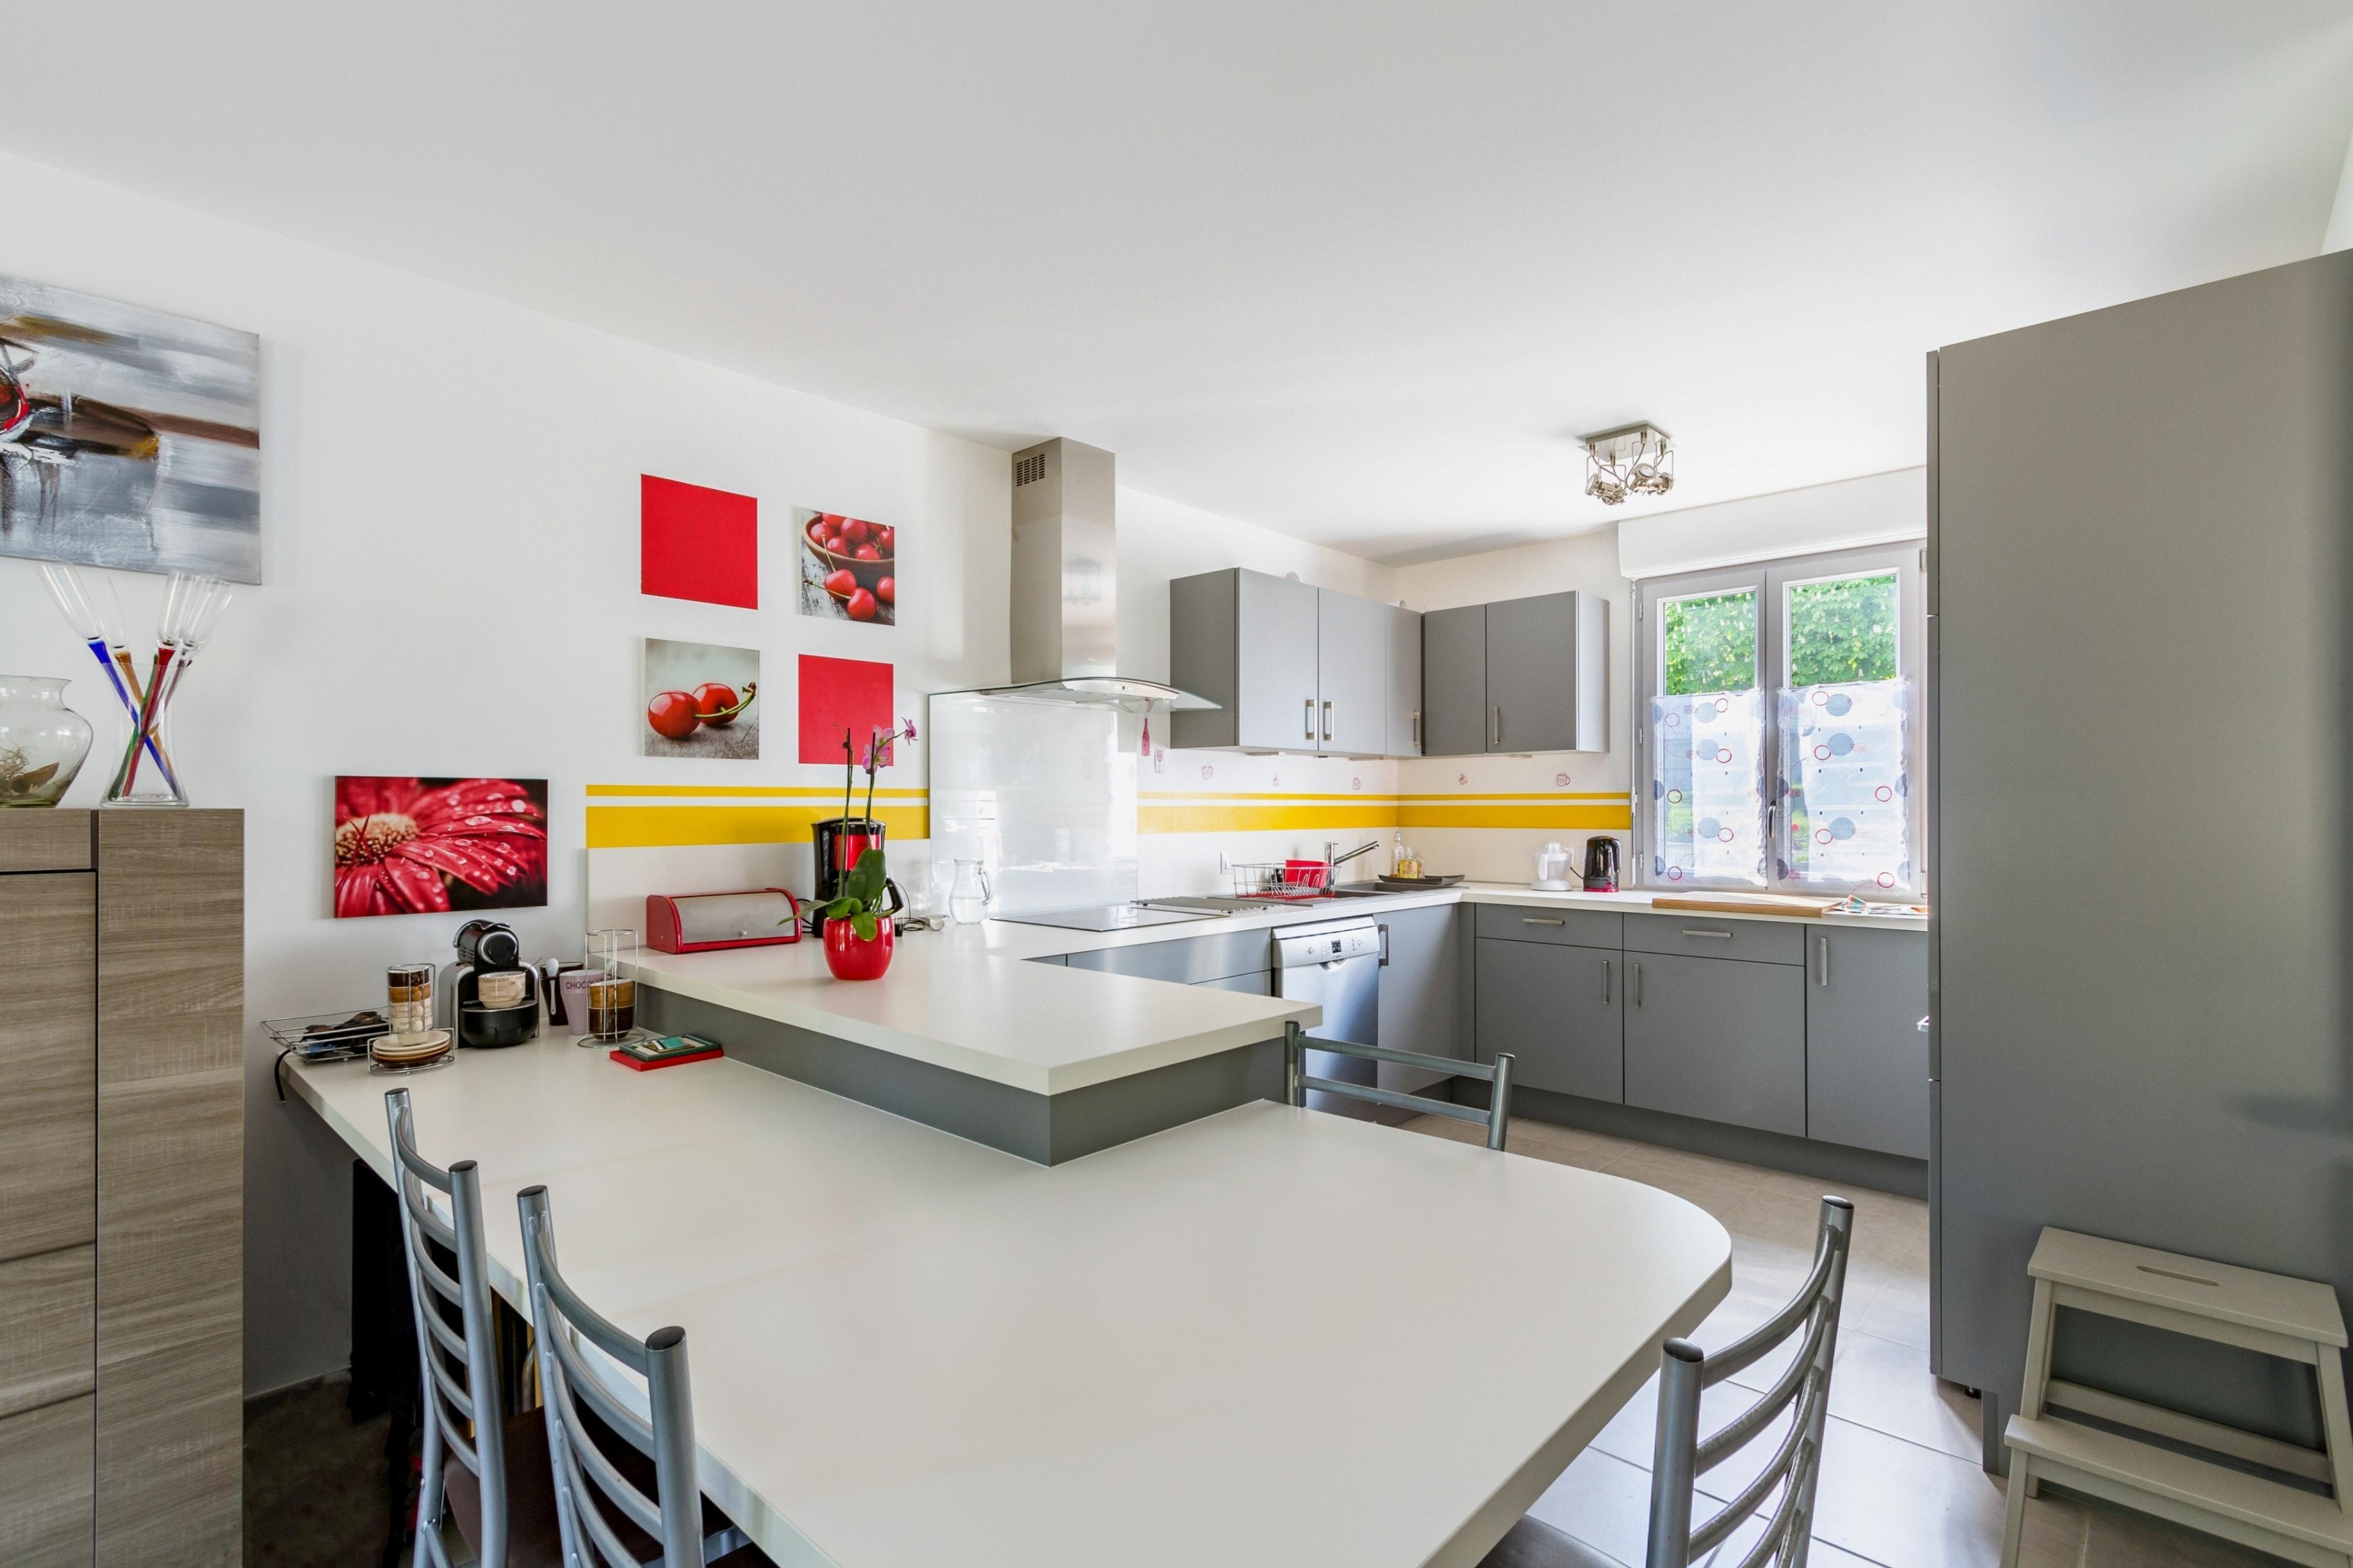 Maisons + Terrains du constructeur MAISONS PHENIX • 83 m² • SAINT SULPICE LA FORET